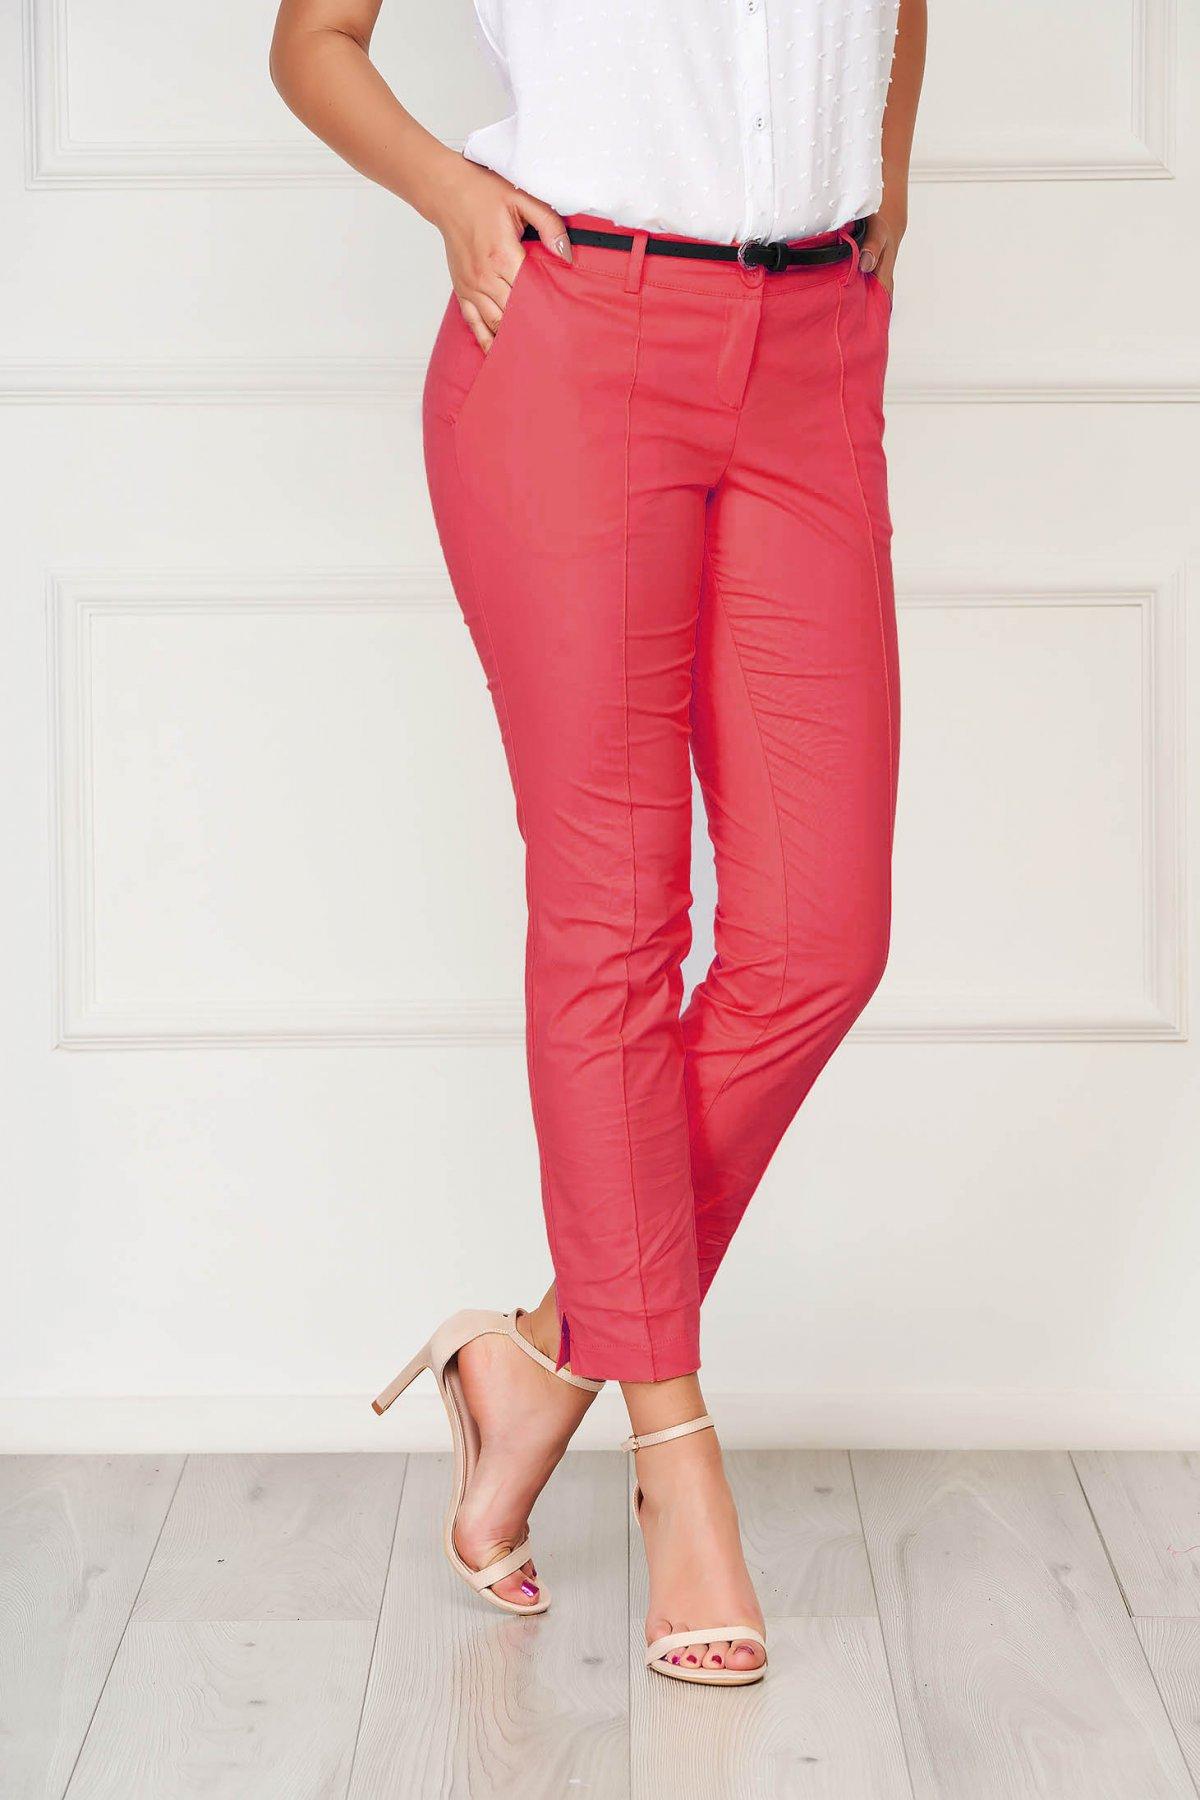 Pantaloni Artista roz office conici din bumbac cu buzunare imagine